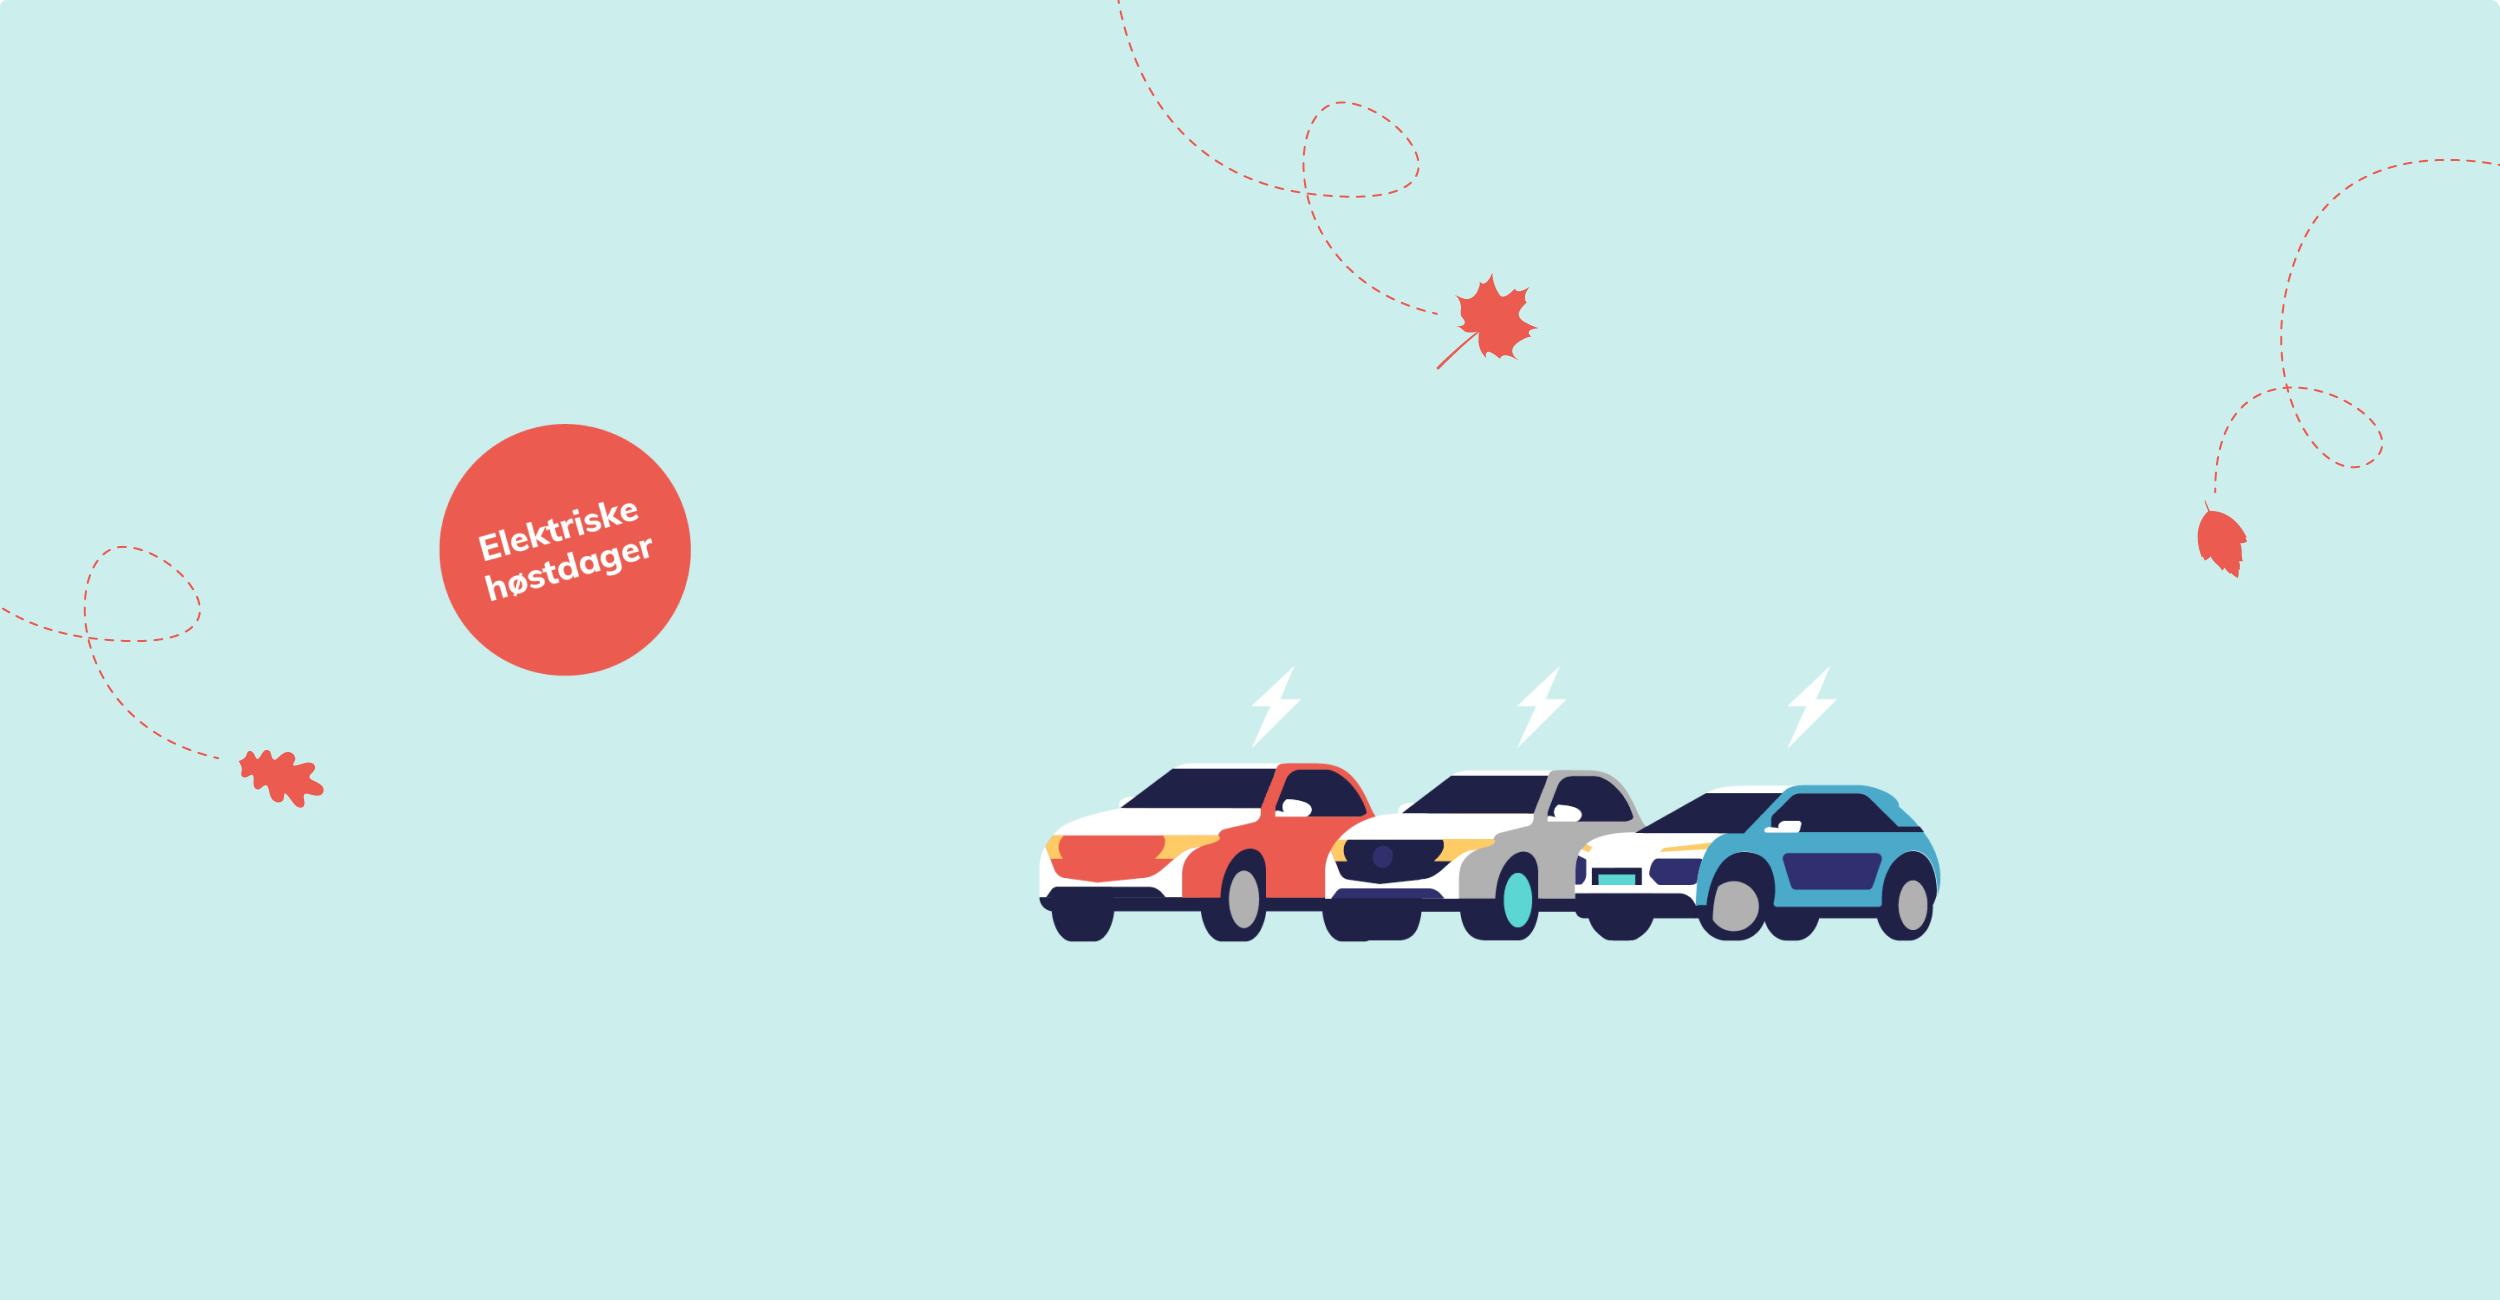 Grafikk med biler og til høstkampanje